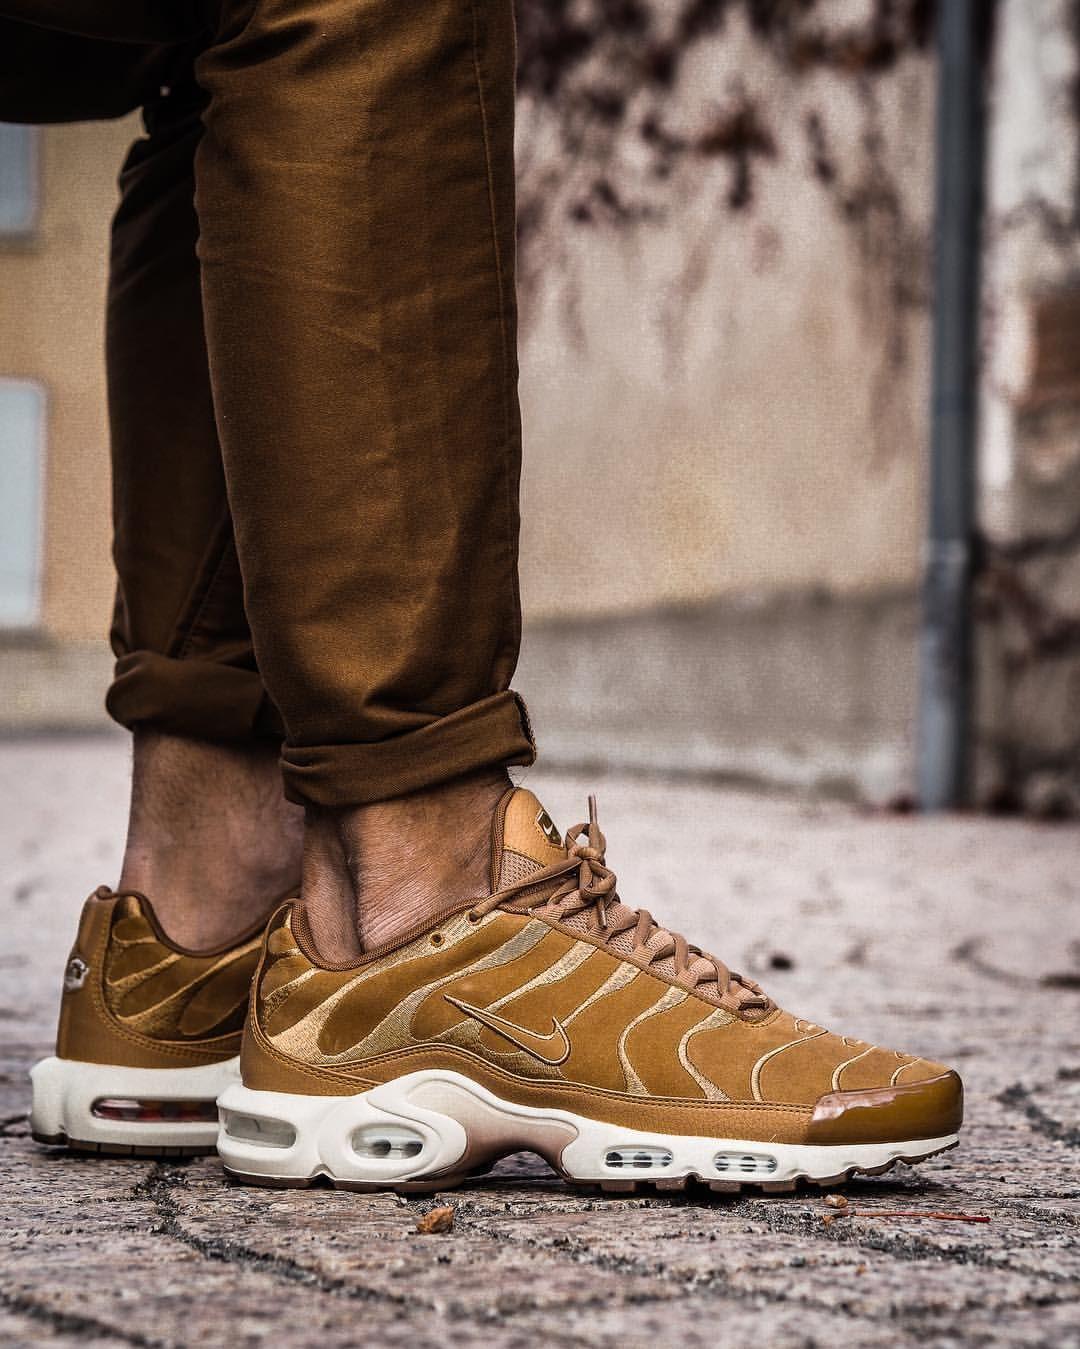 Nike Air Max TN: Wheat | Nike air max